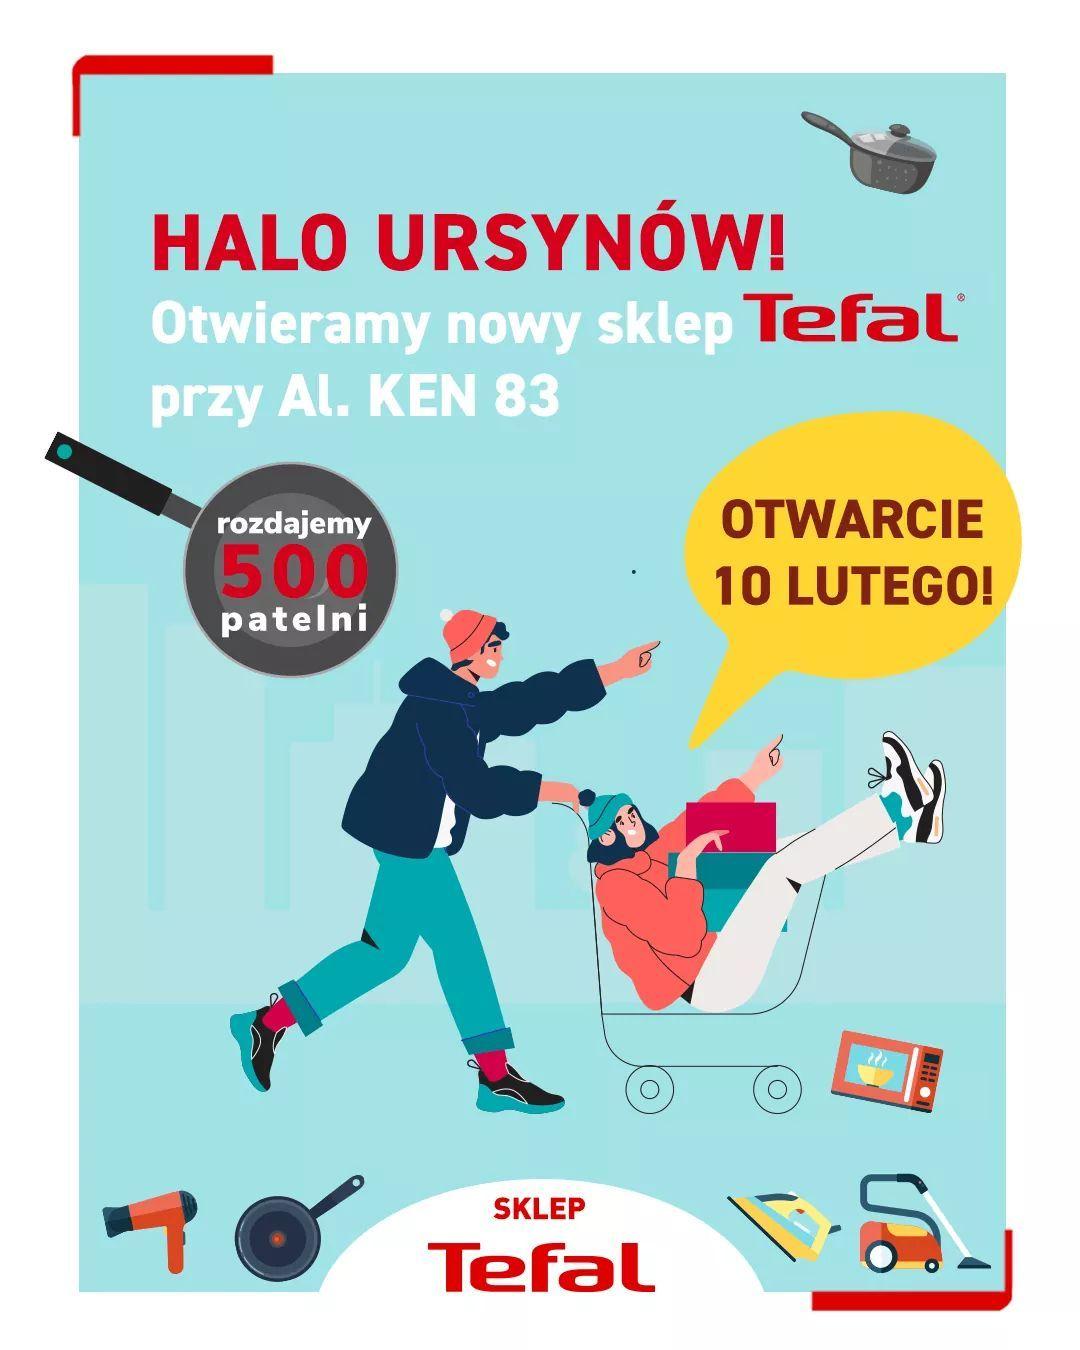 Darmowa patelnia Tefal przy zakupach za 50zł (limit 500szt) Warszawa